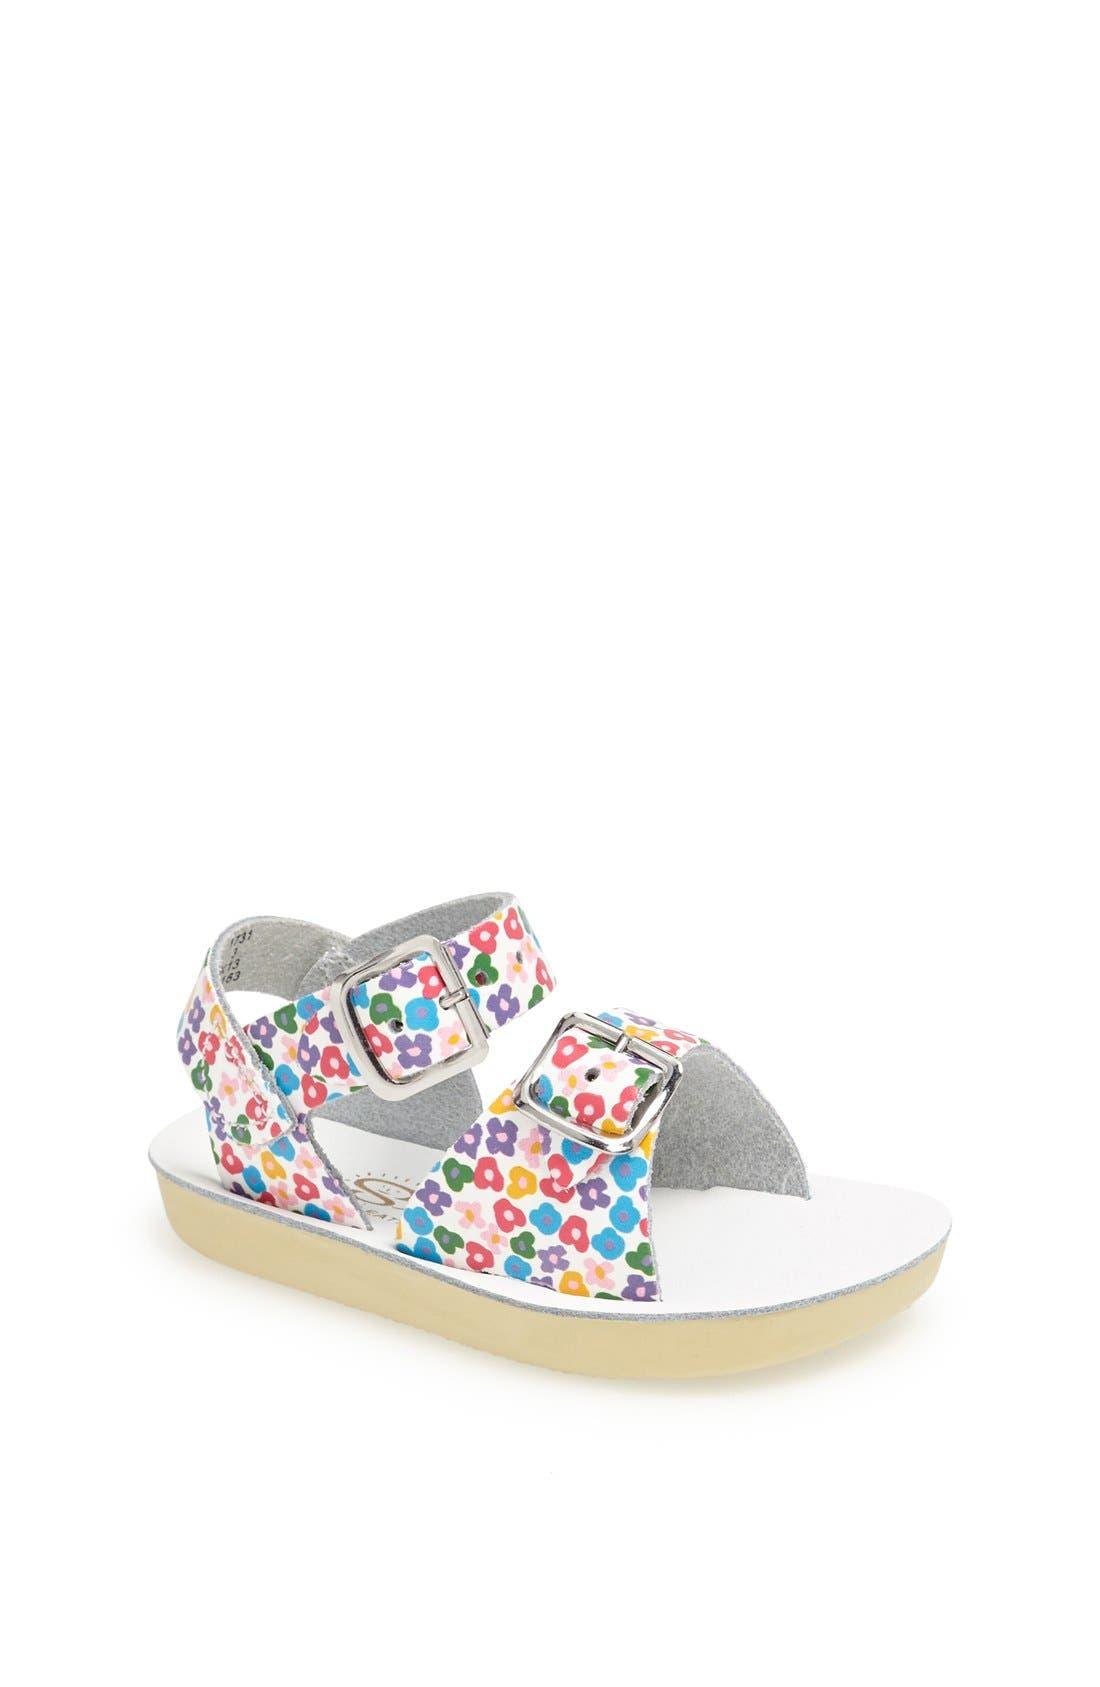 Hoy Shoe Salt-Water<sup>®</sup> Sandals 'Surfer' Sandal,                         Main,                         color, 100